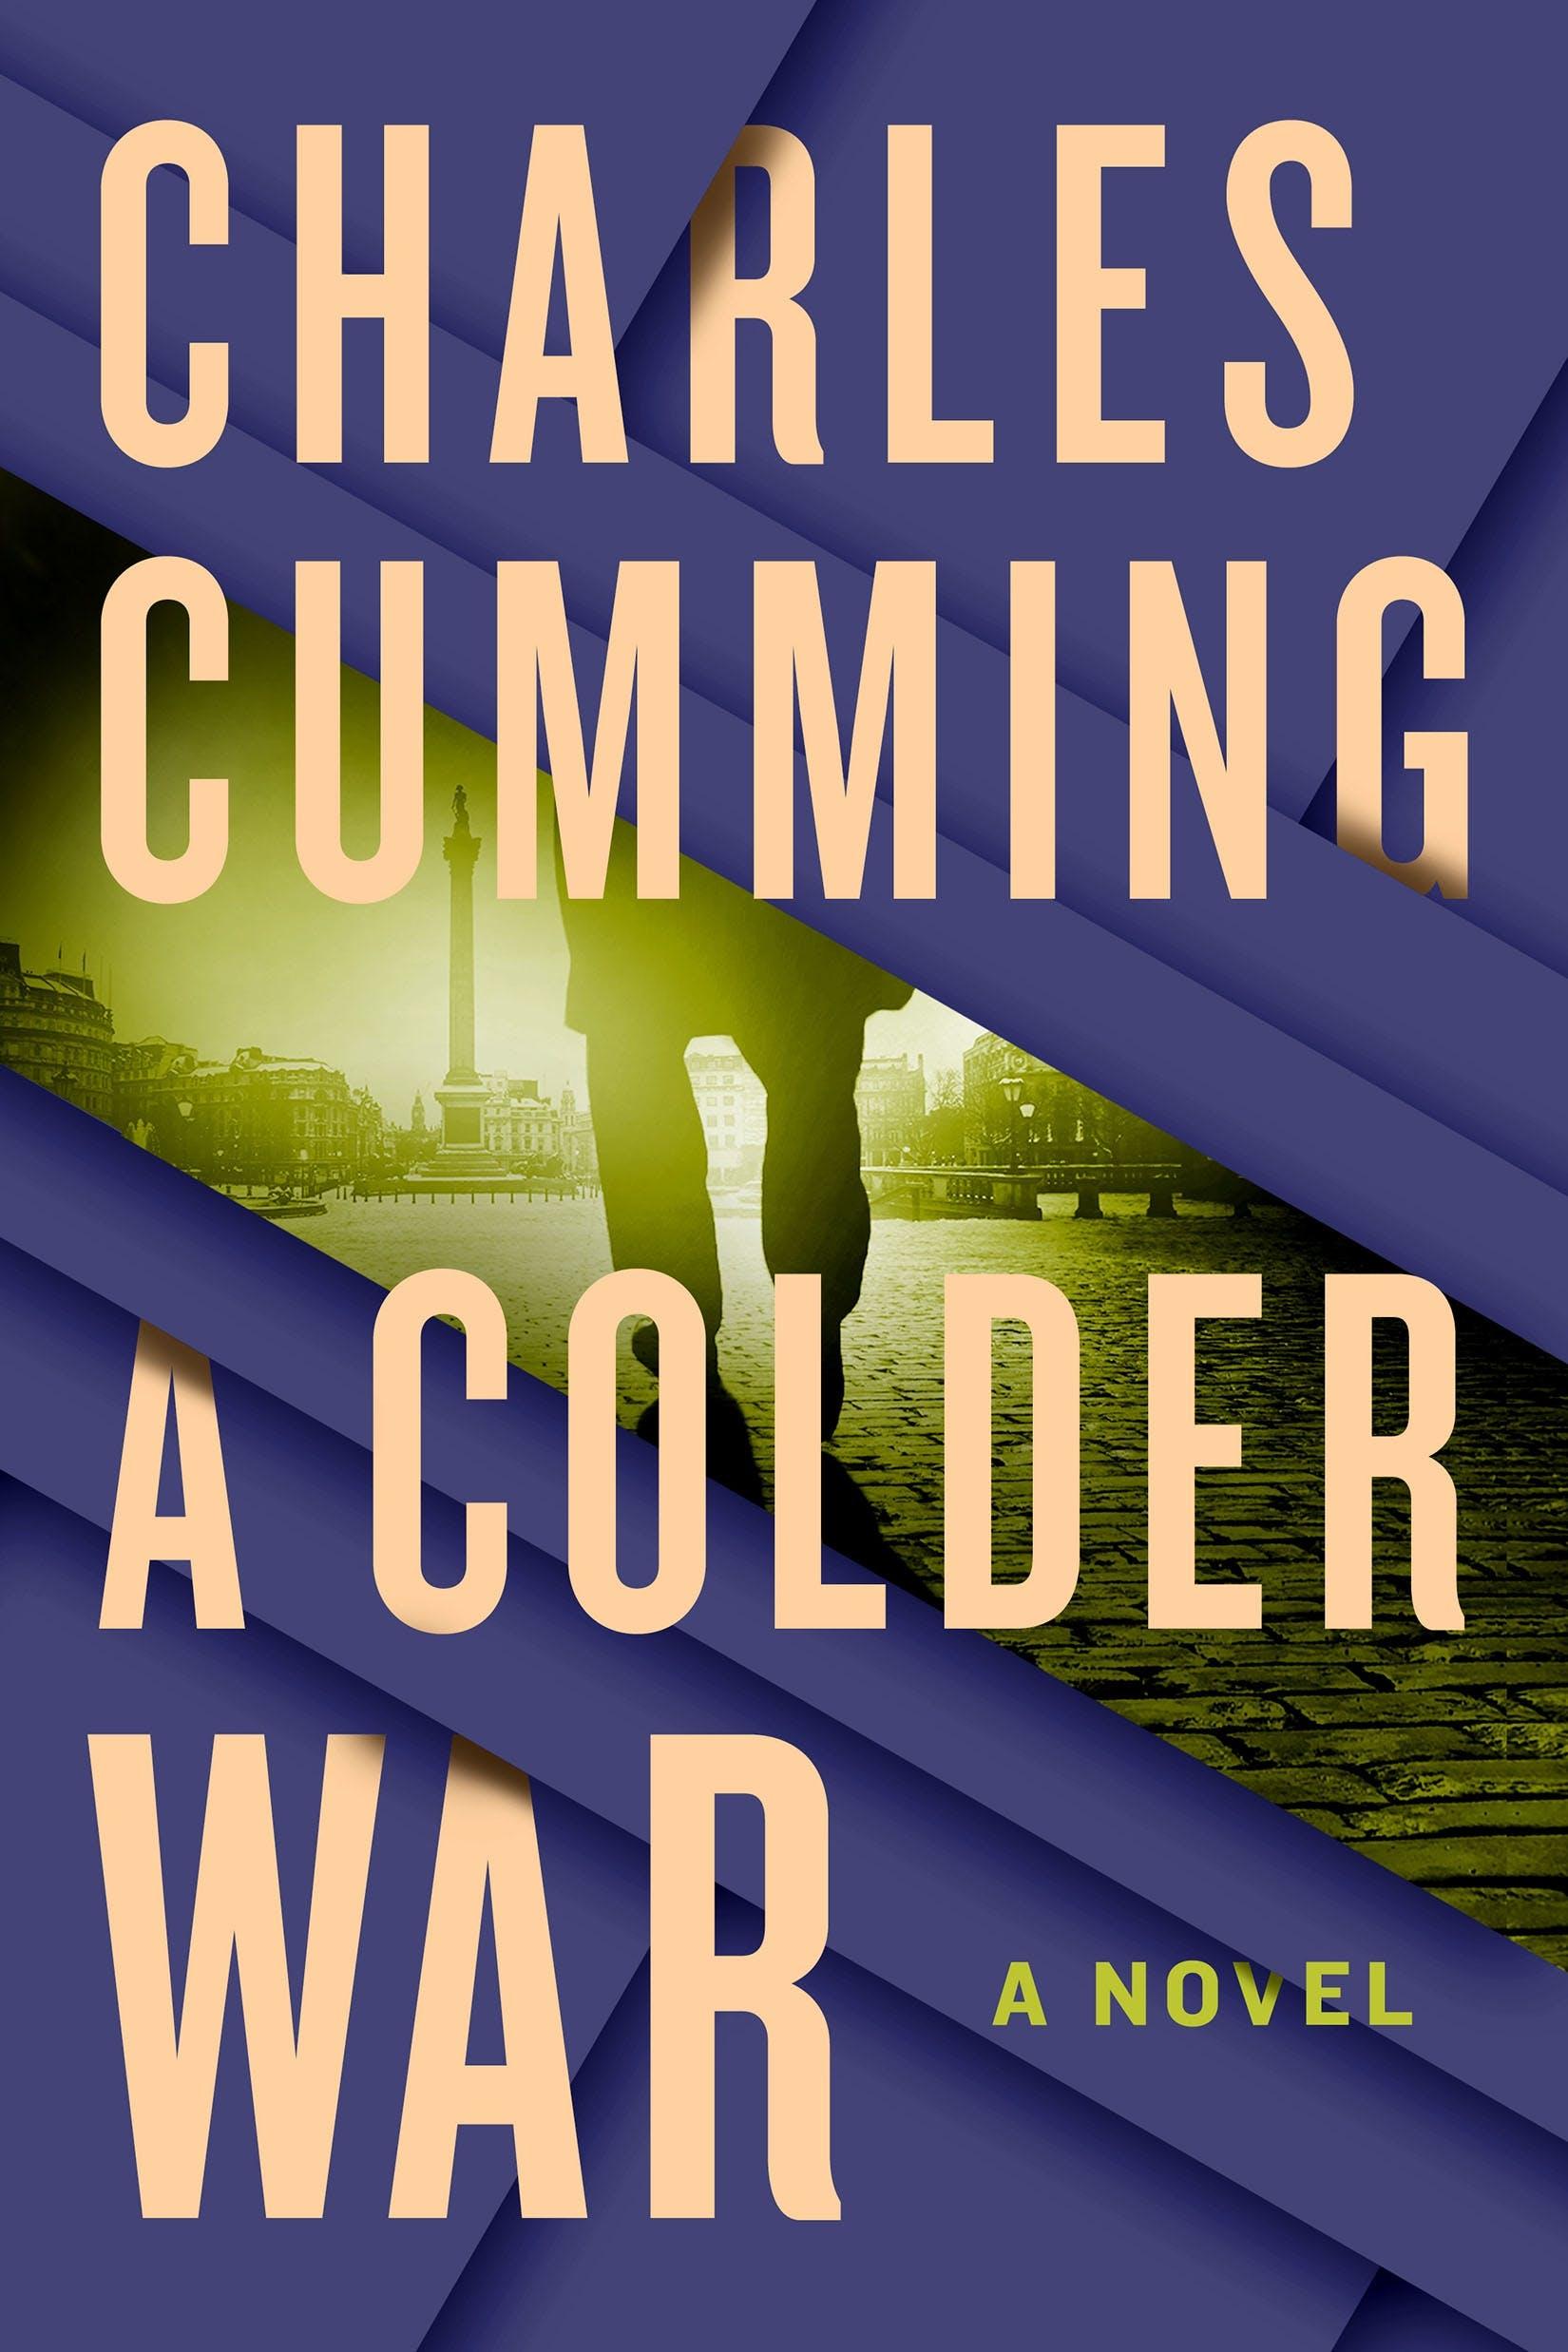 Image of A Colder War